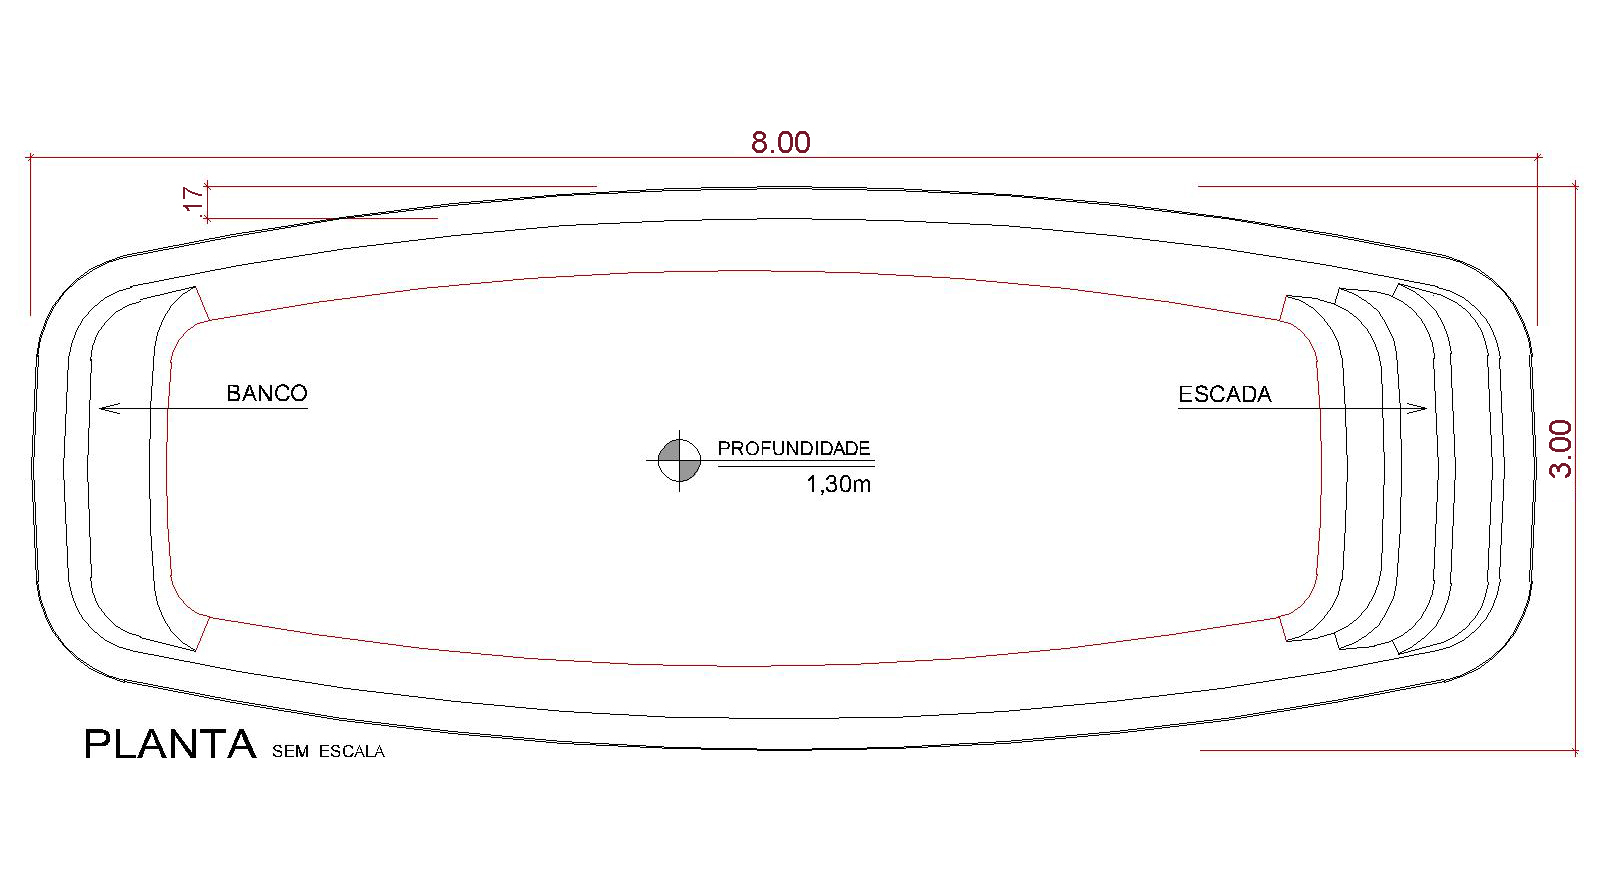 Desenho técnico Oneloa (sem escala)